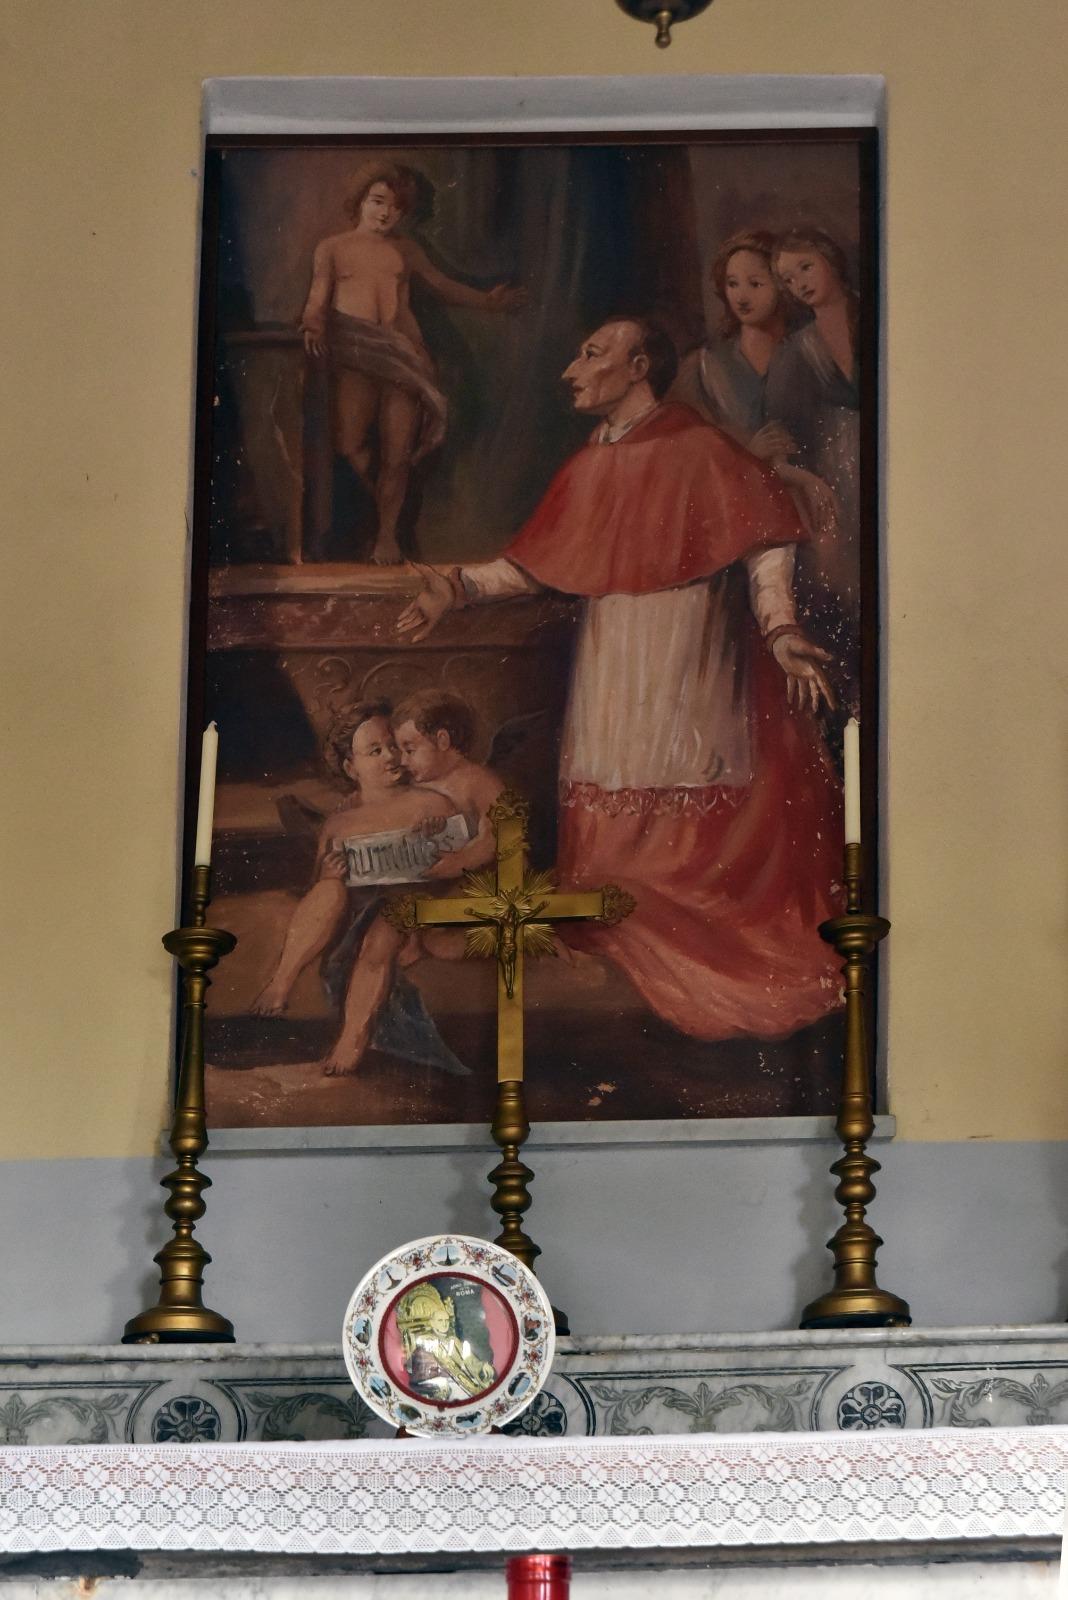 FRANCIACORTA STREGATA, I MISTERI DI SAN CARLO BORROMEO